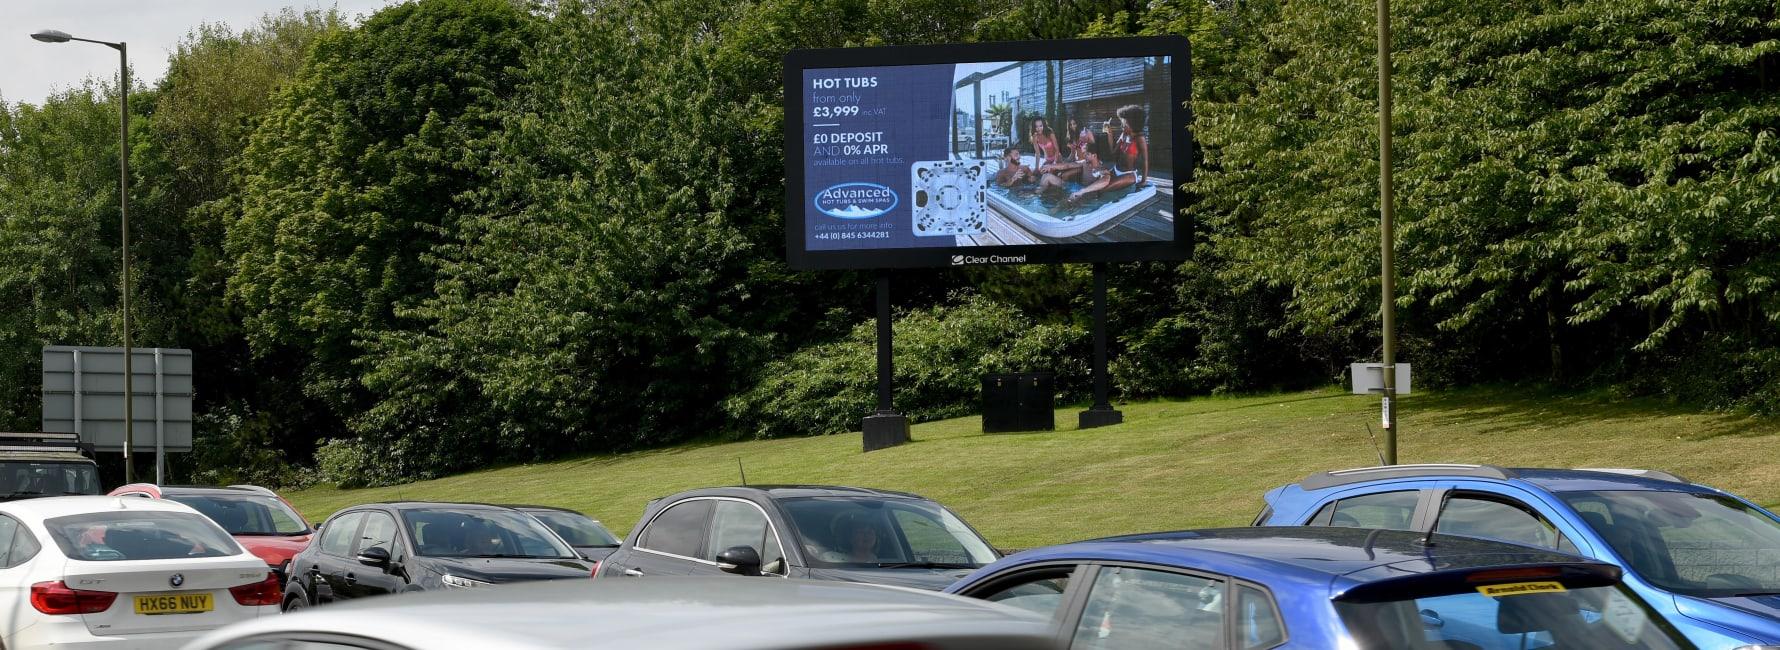 Billboard Live Screen in Edinburgh